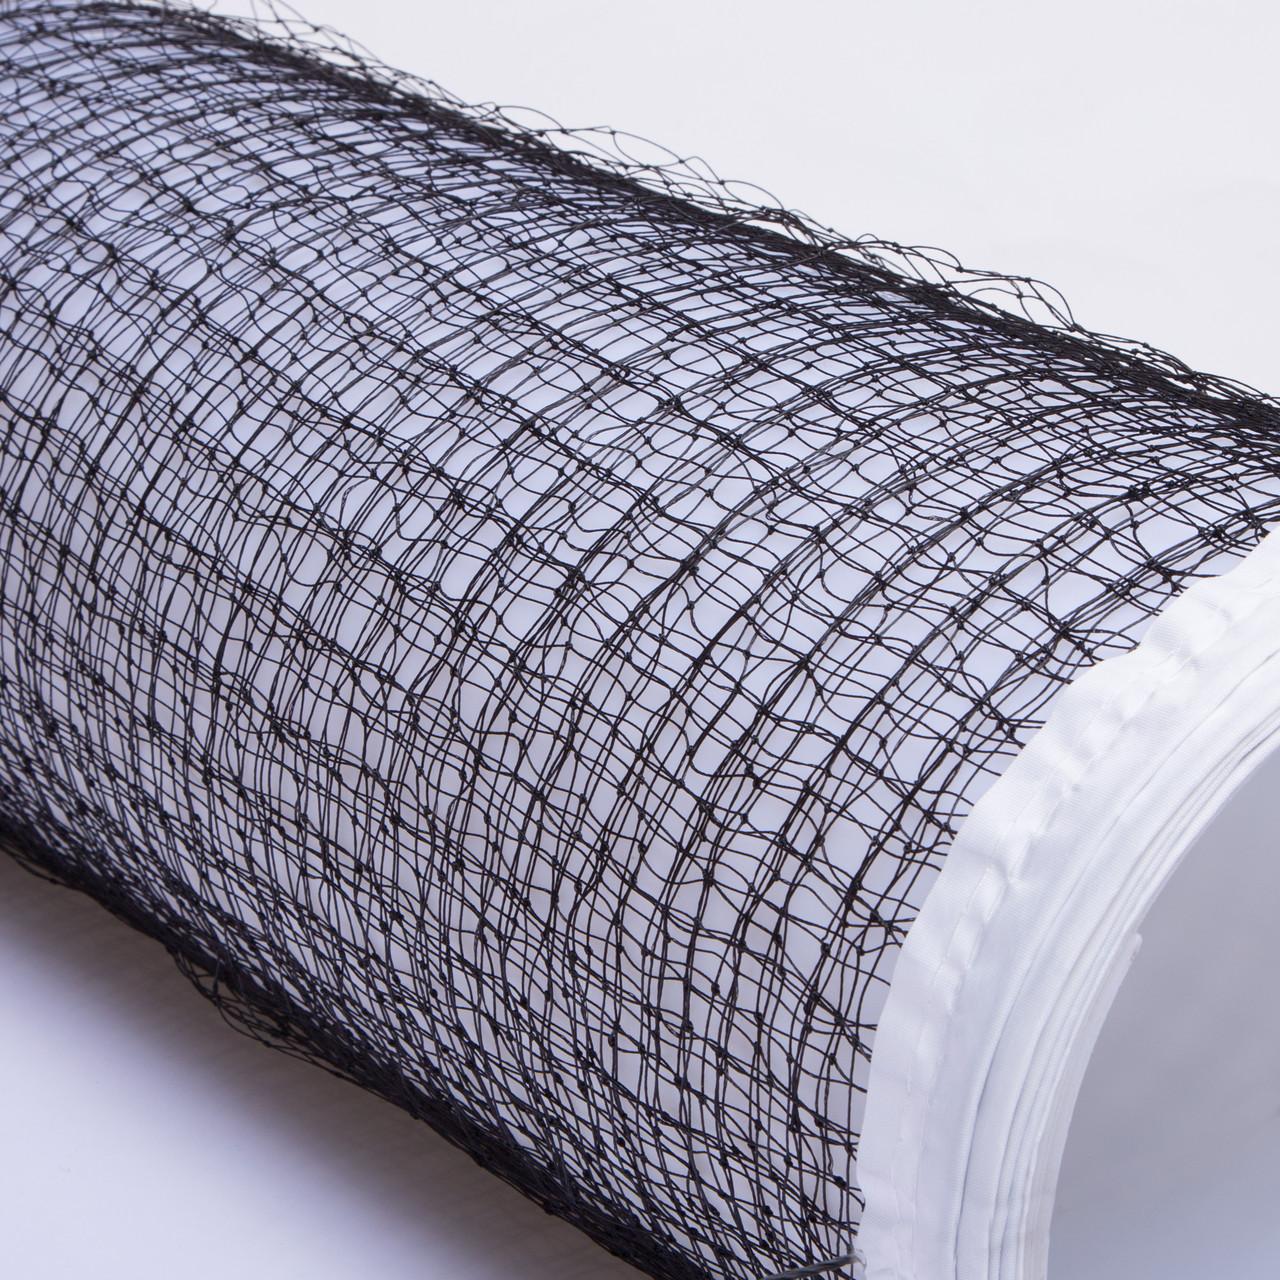 Сетка для бадминтона Zelart, полиэстер, 6x0,76м, ячейка р-р 2х2см, черный (NB-09A)